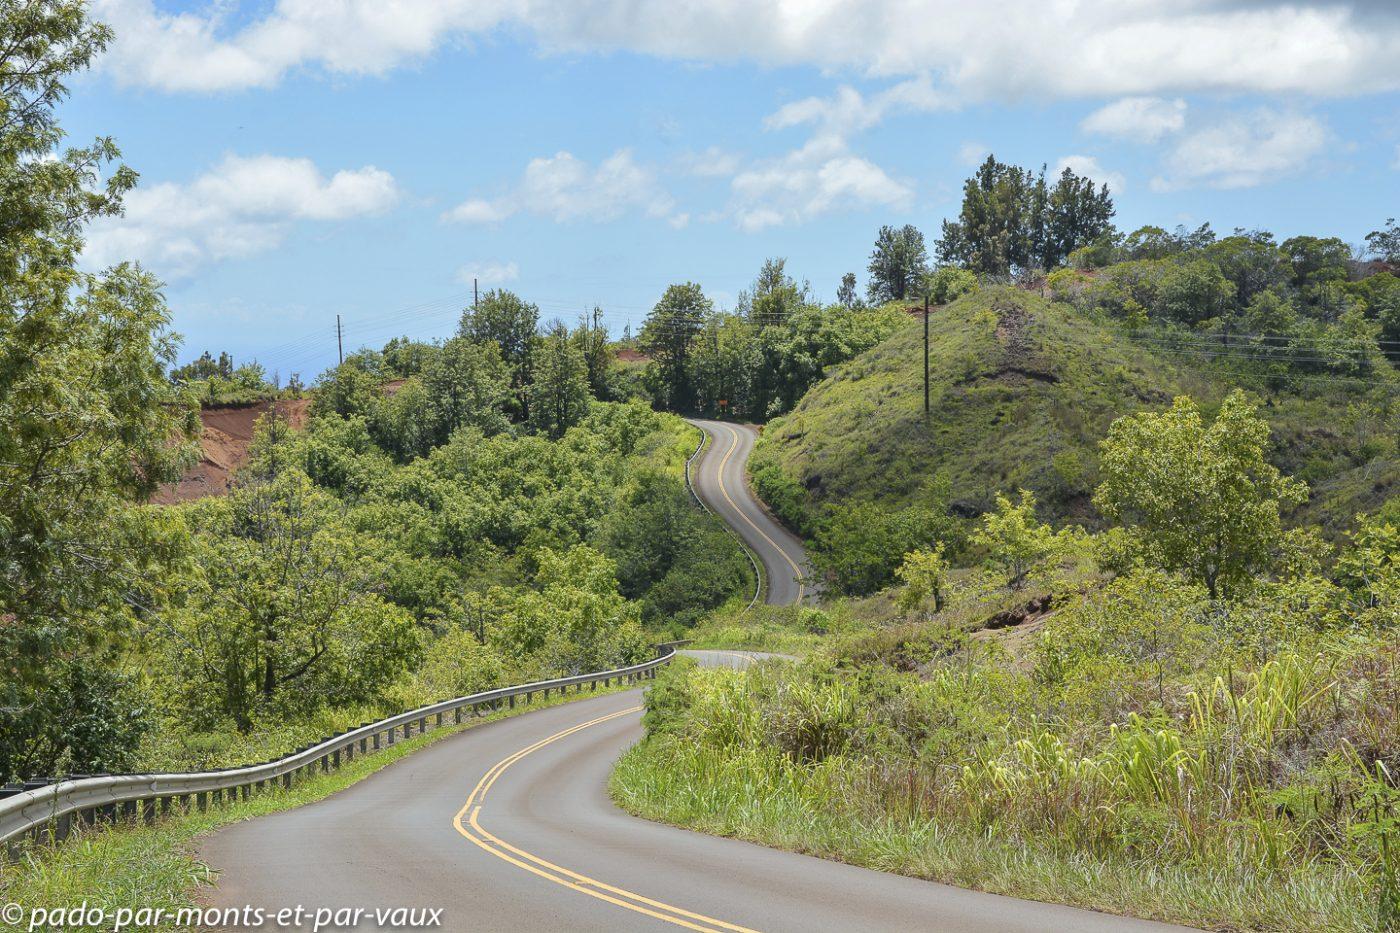 Kauai - Waimea canyon drive